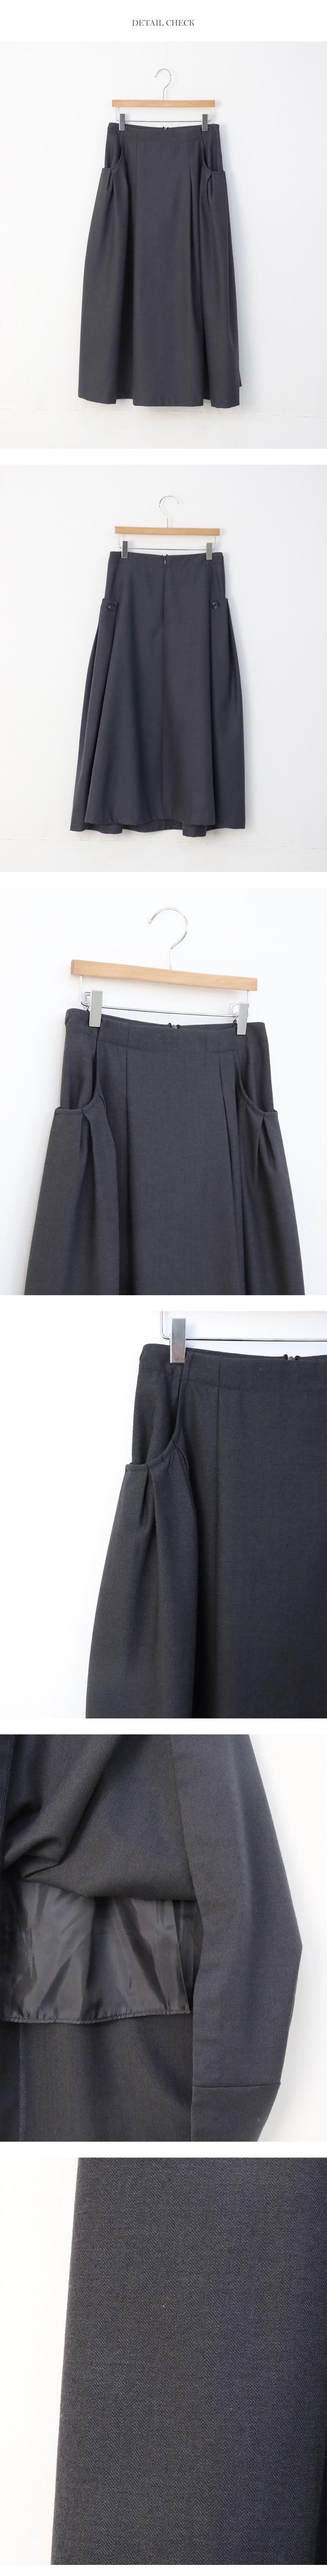 Briller long Skirt